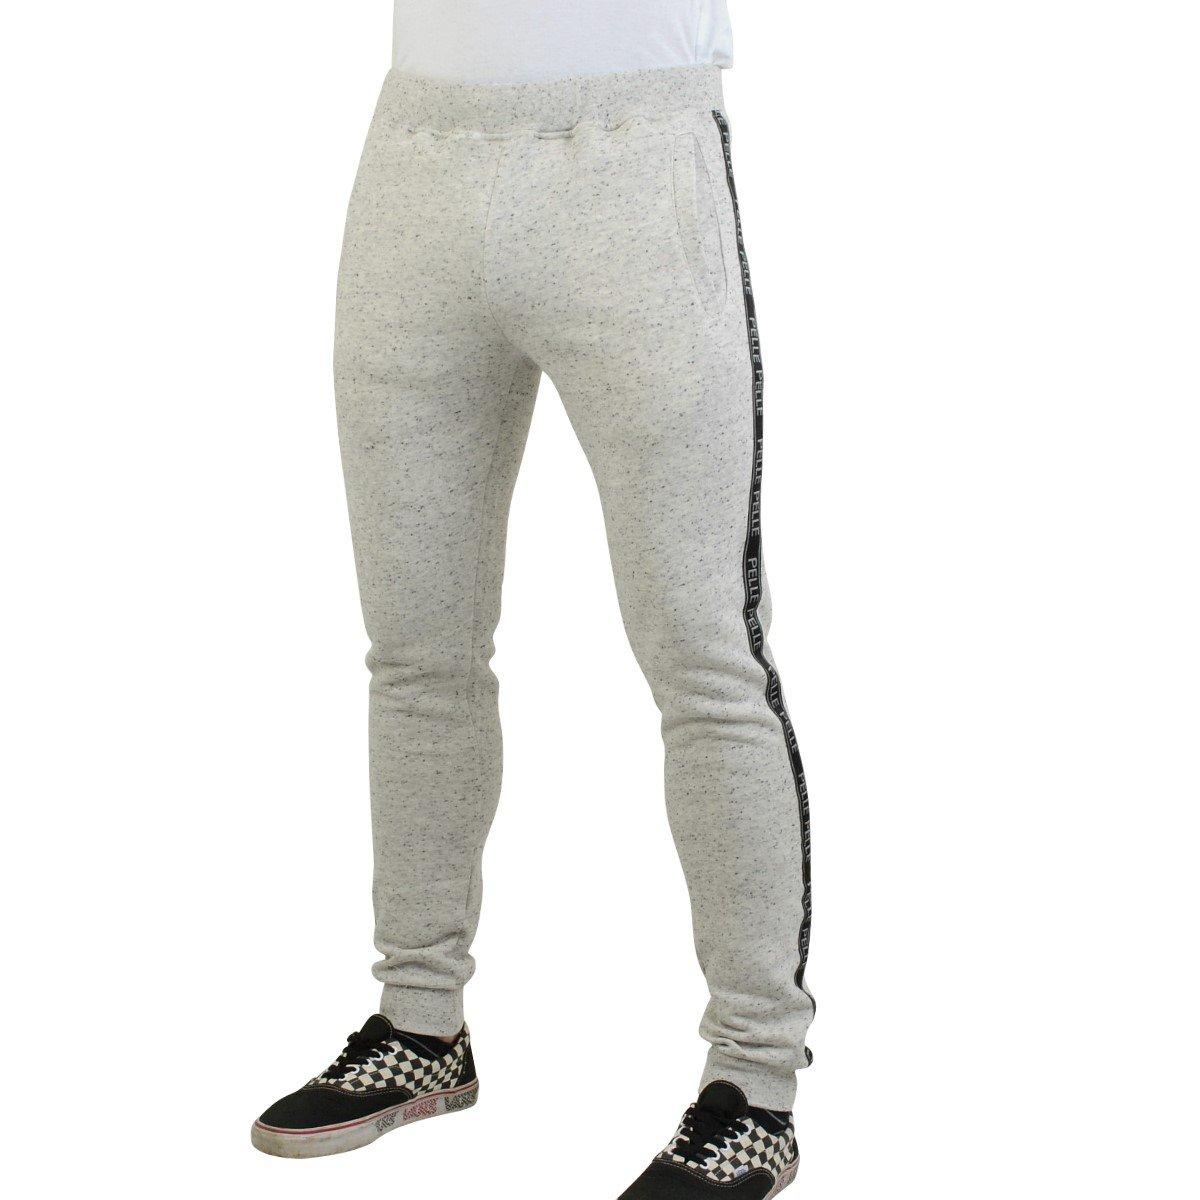 Pelle Pelle Slim Fit Jogginghose Herren Tapemaster hellgrau - fällt normal aus, schmales Bein